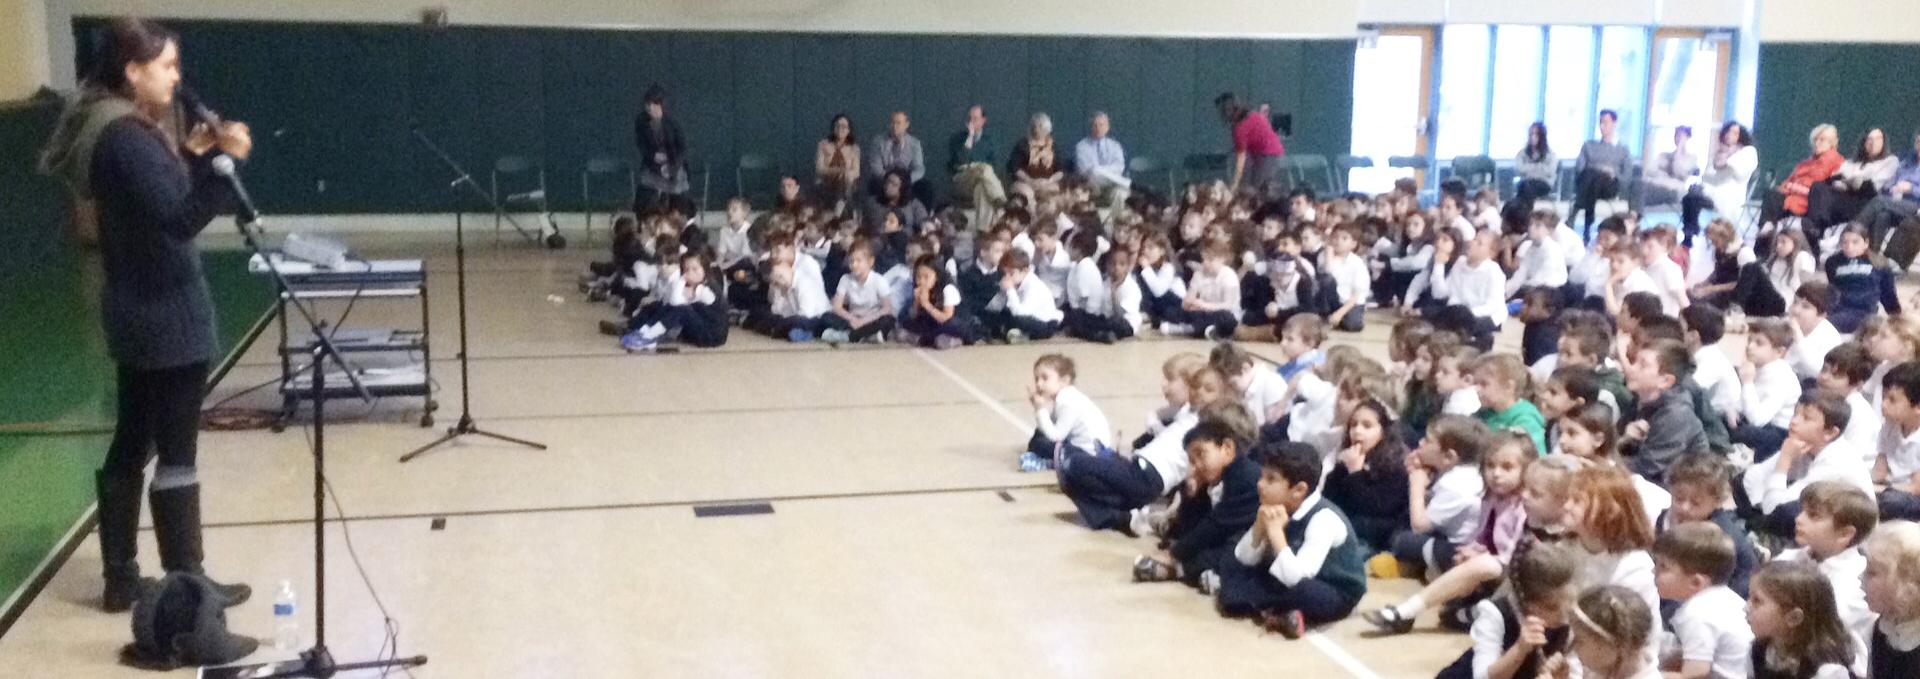 Keynote: Shipley Lower School